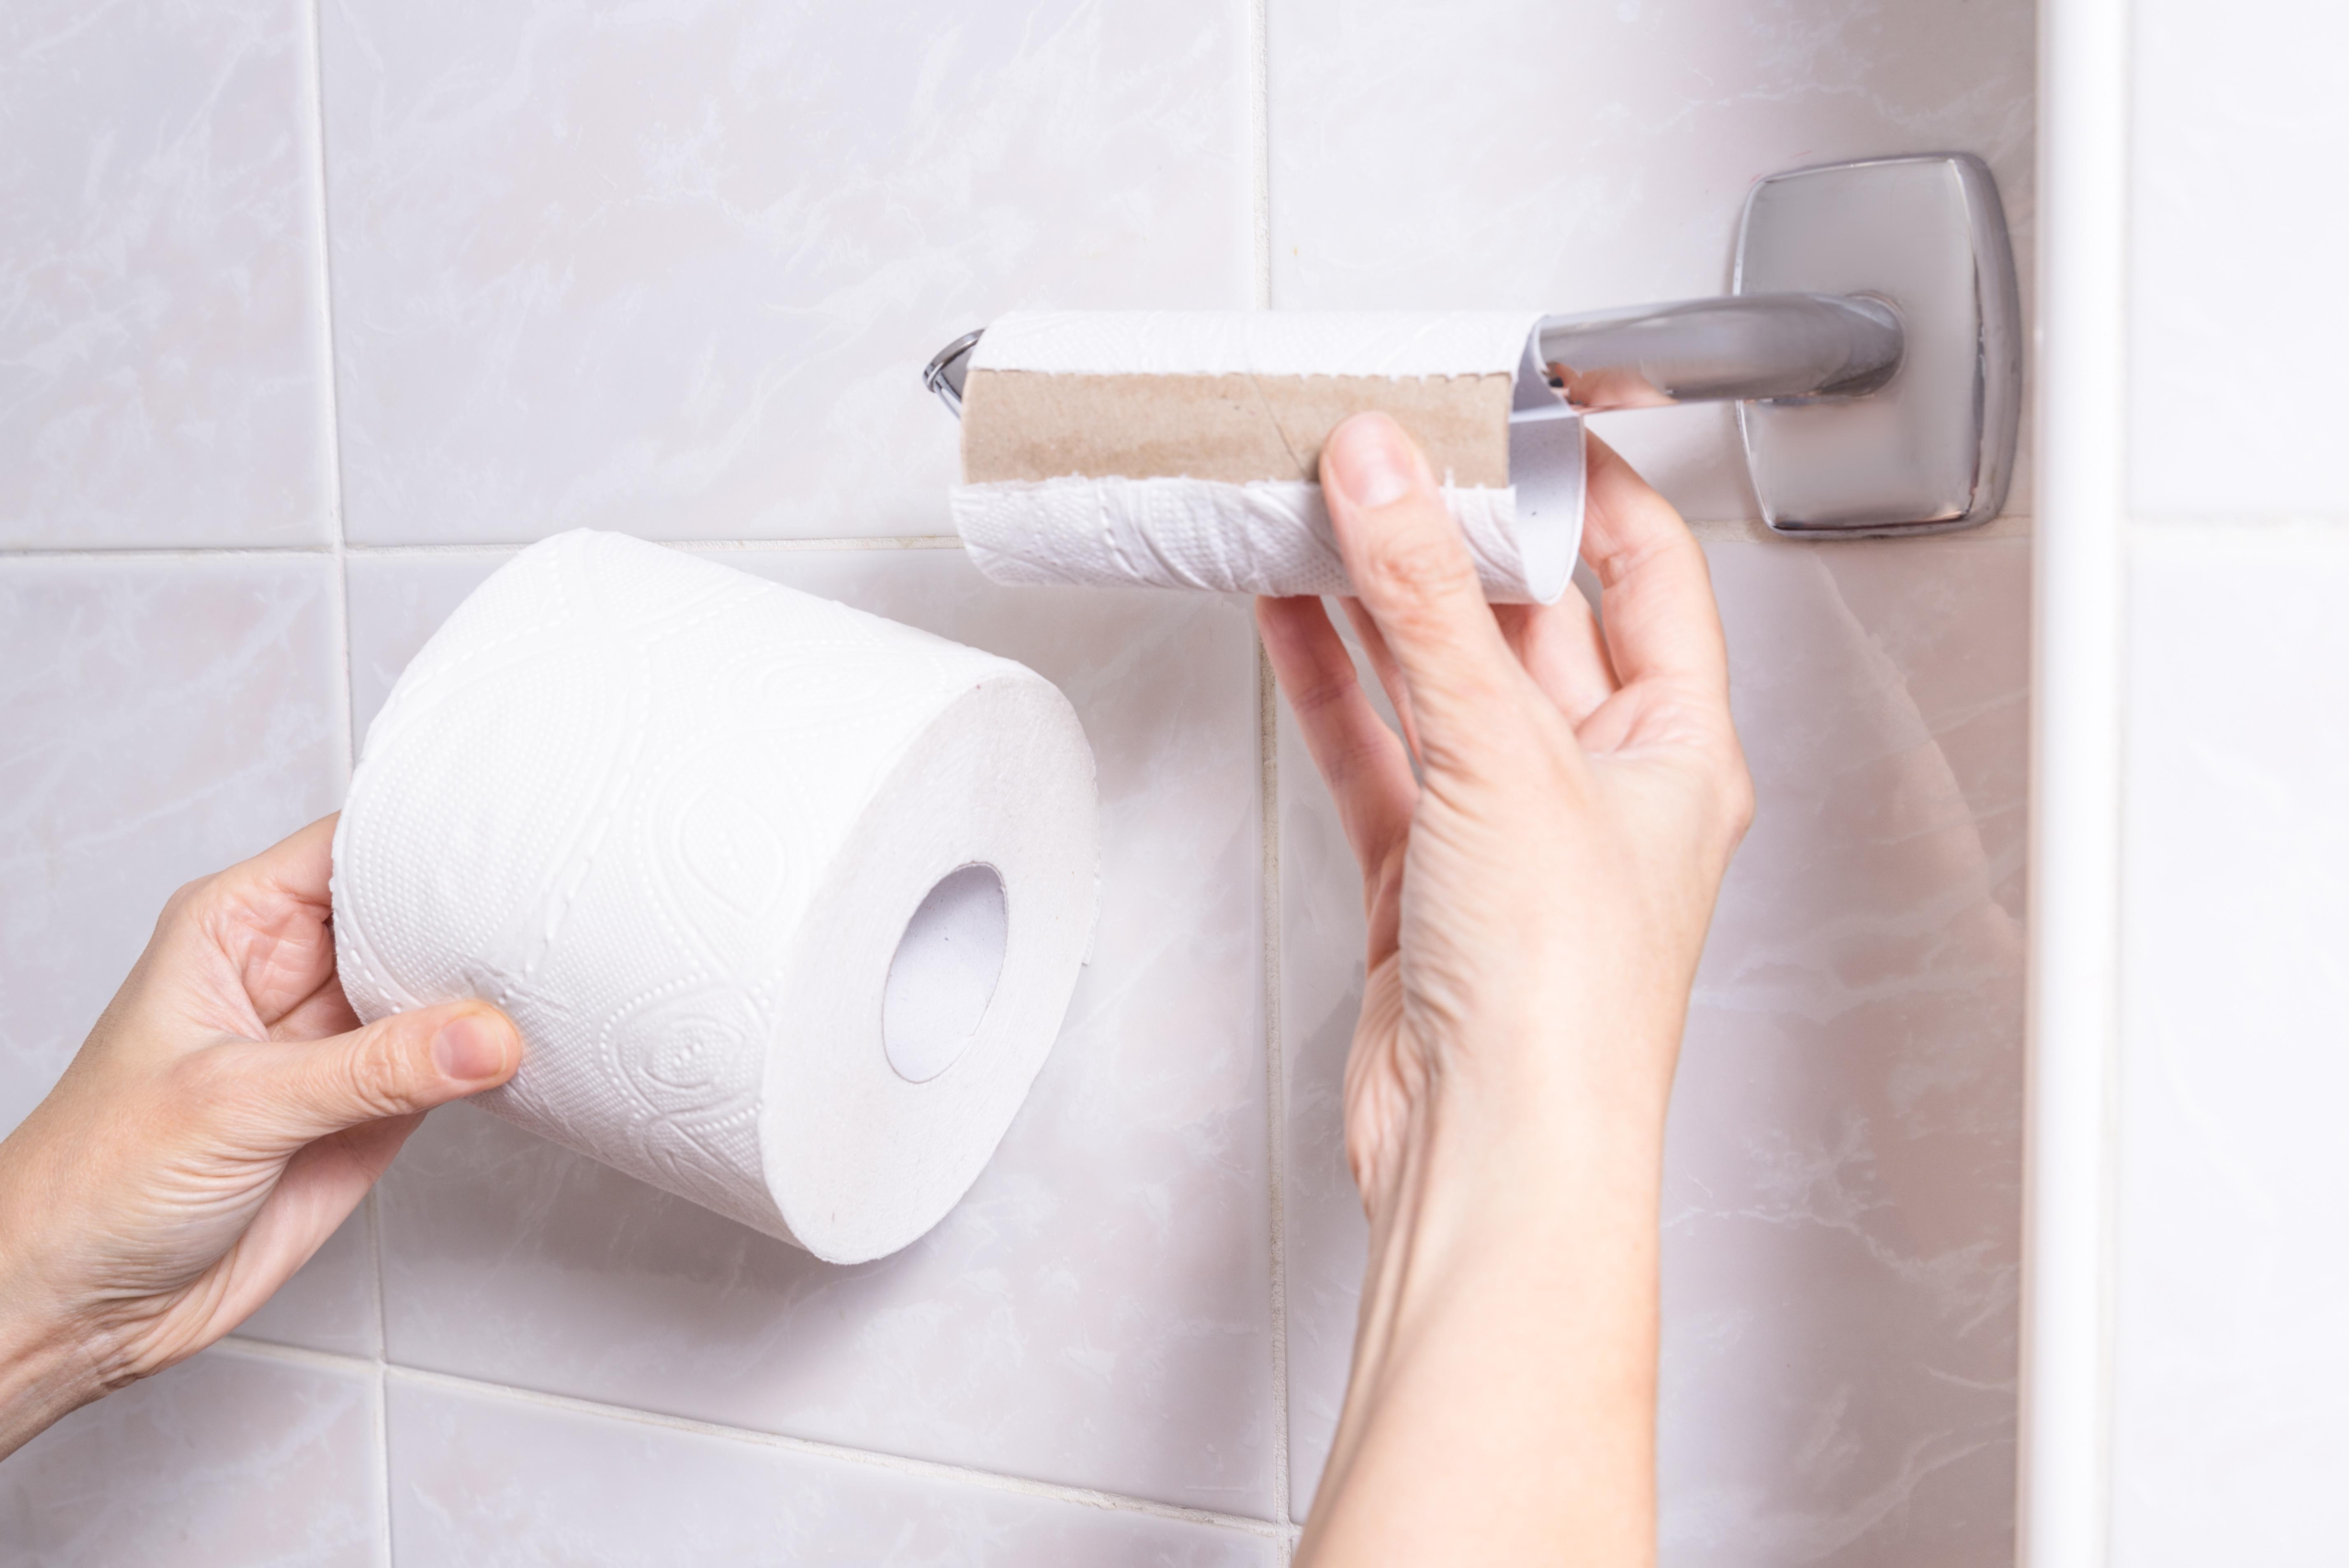 Office Restroom Etiquette | Terry's Plumbing